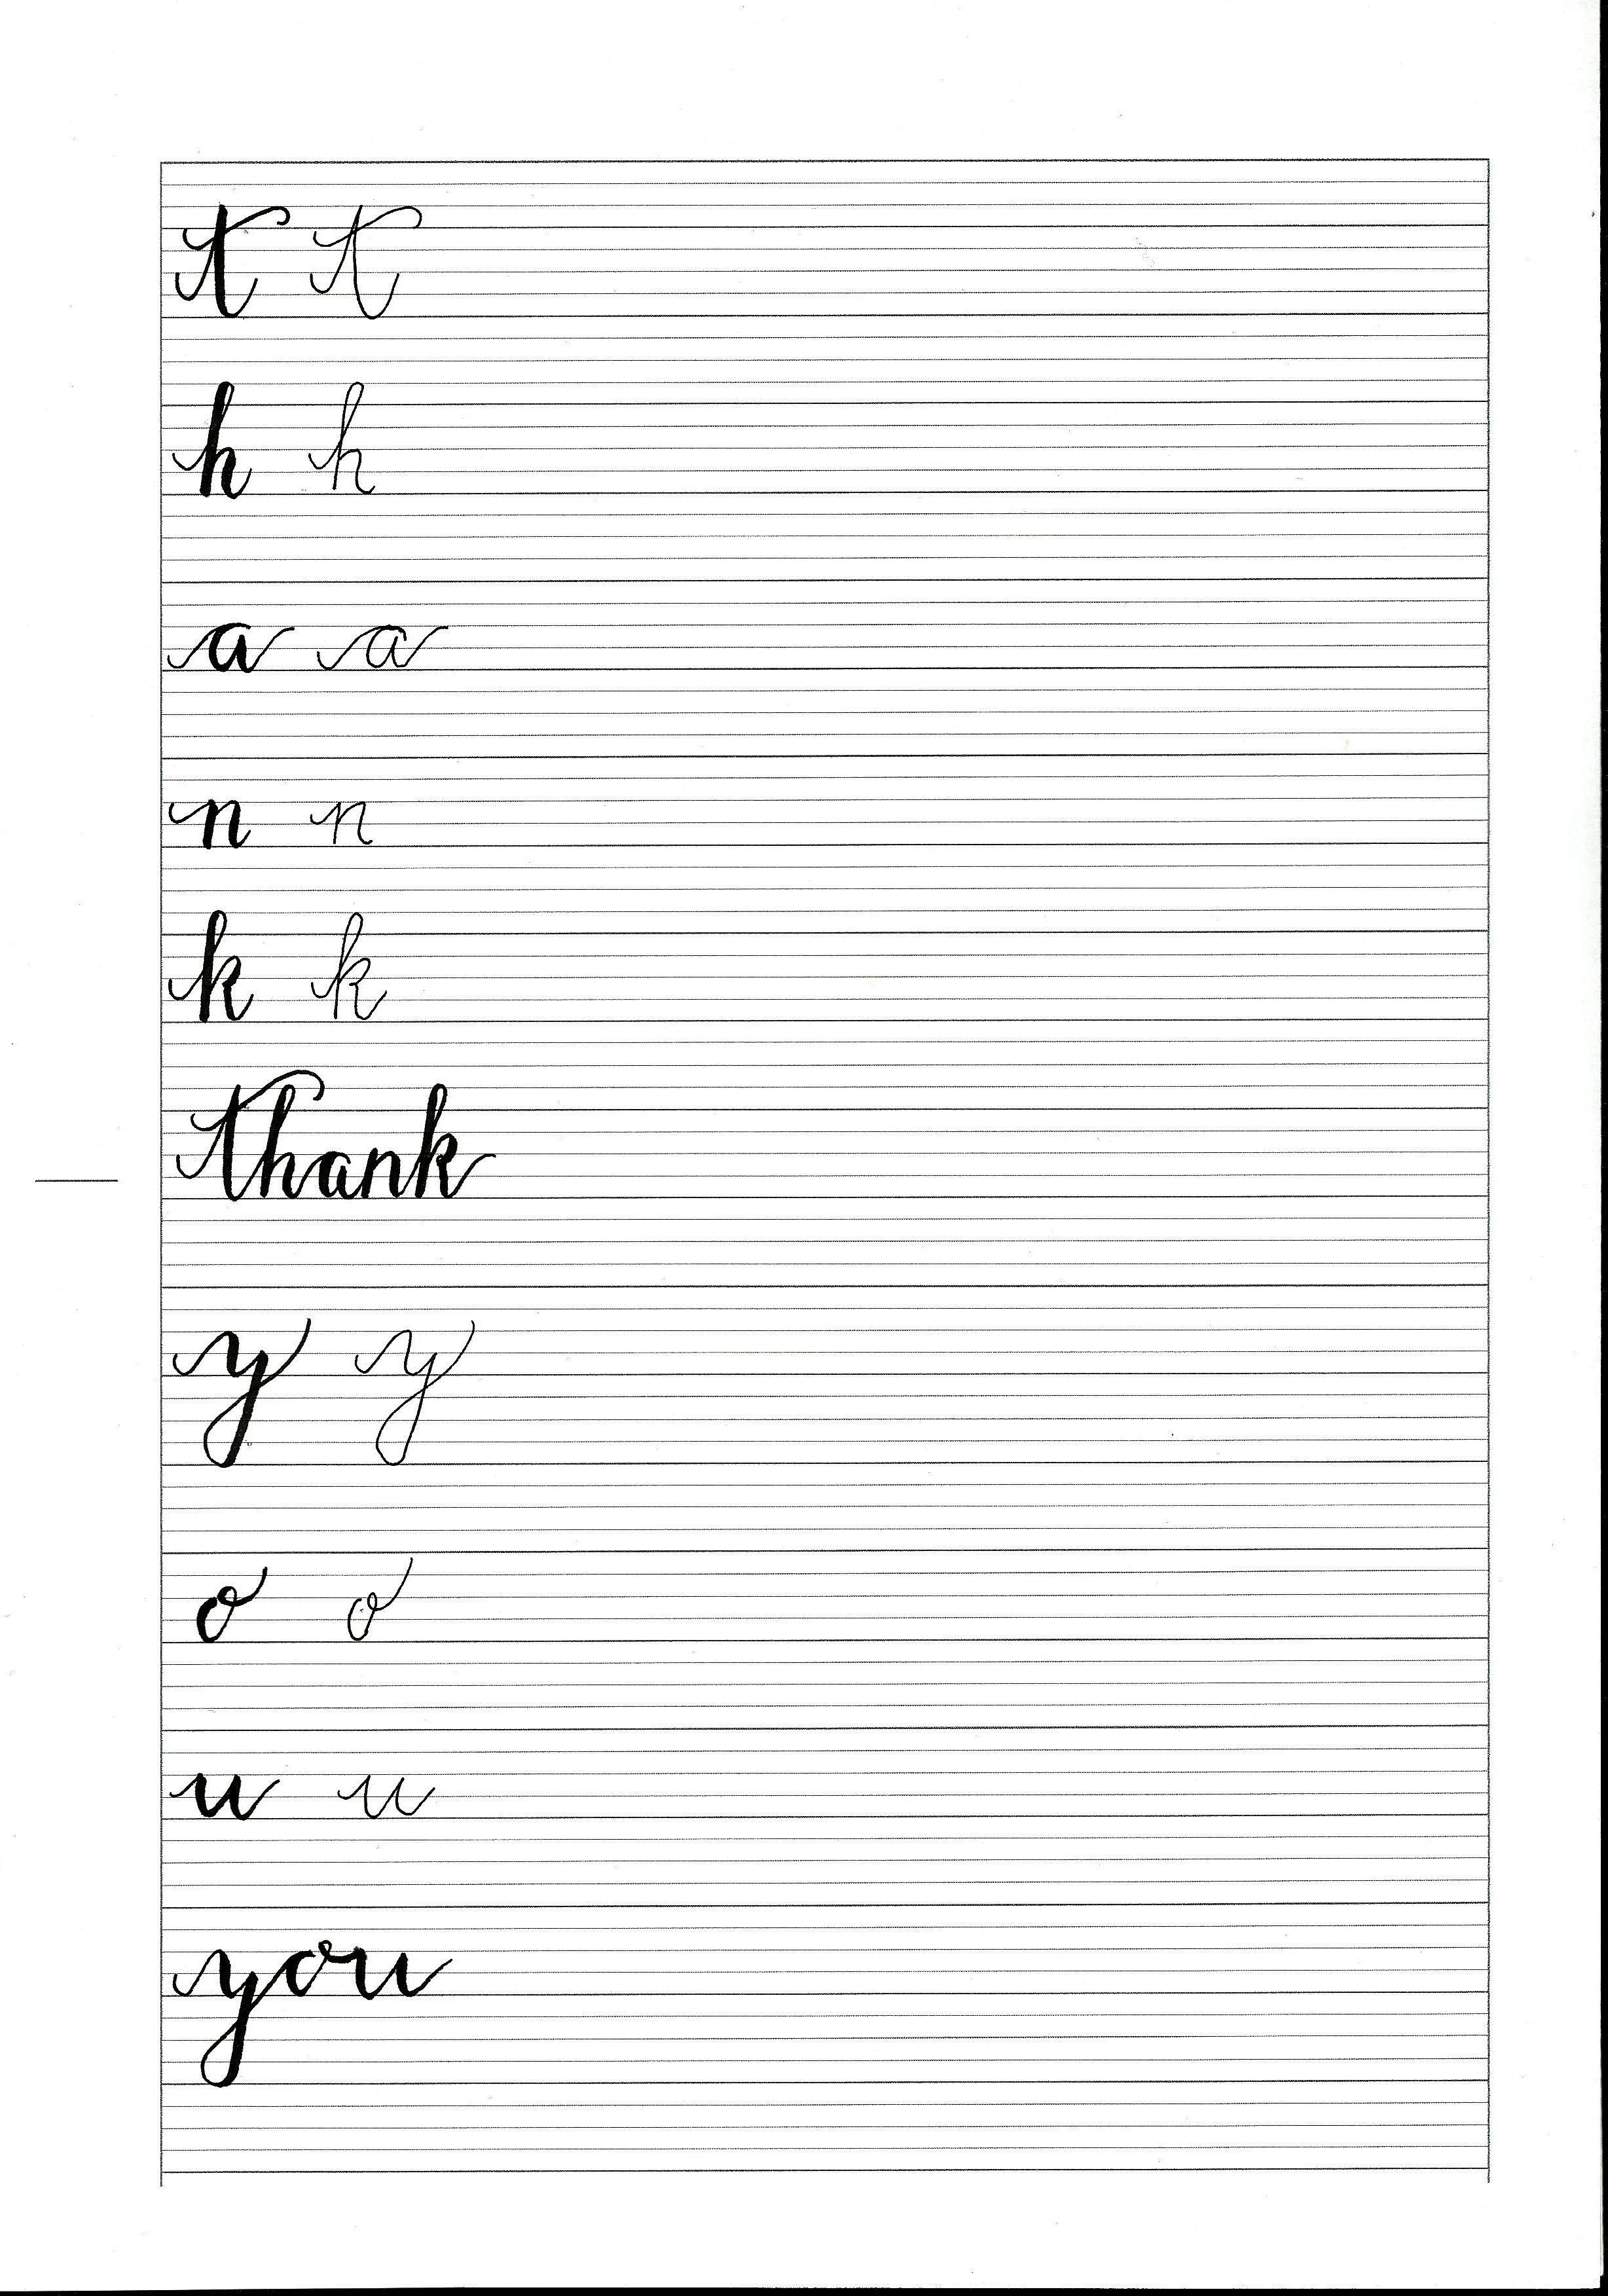 ein worksheet f r euch zum thema calligraphy den ersten buchstaben k nnt ihr euch anschauen um. Black Bedroom Furniture Sets. Home Design Ideas